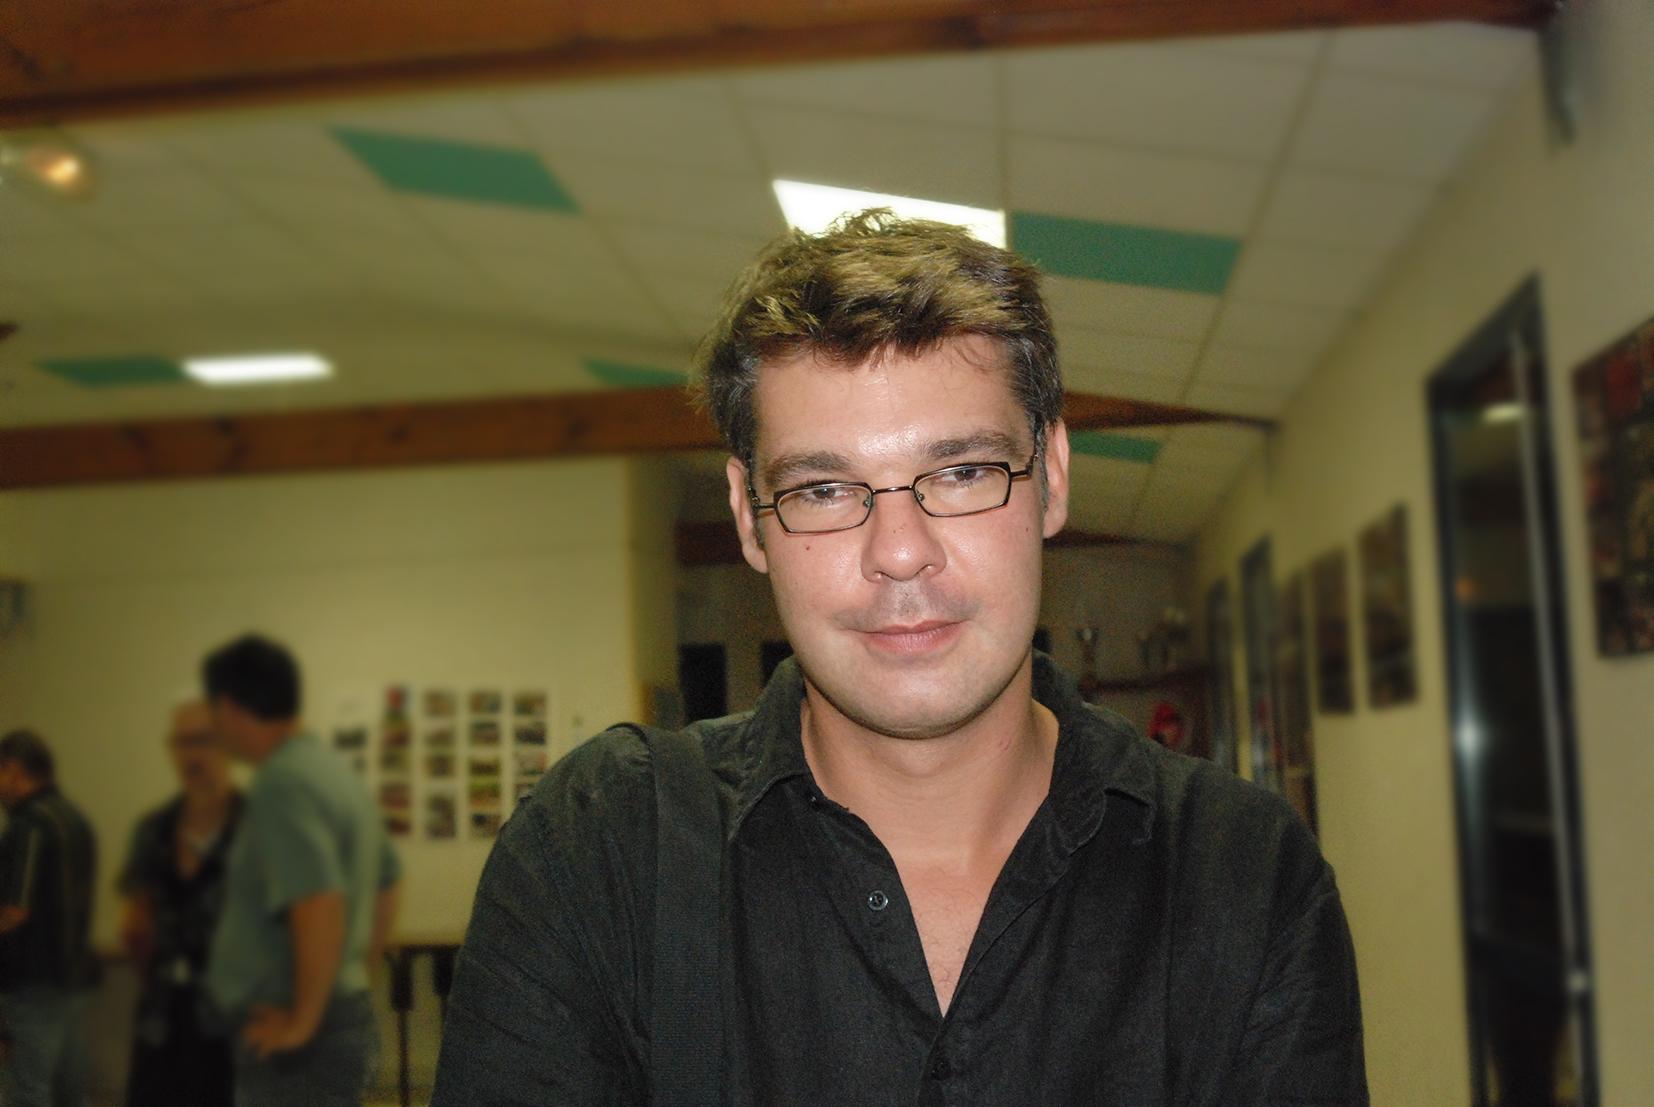 Martin Laquet